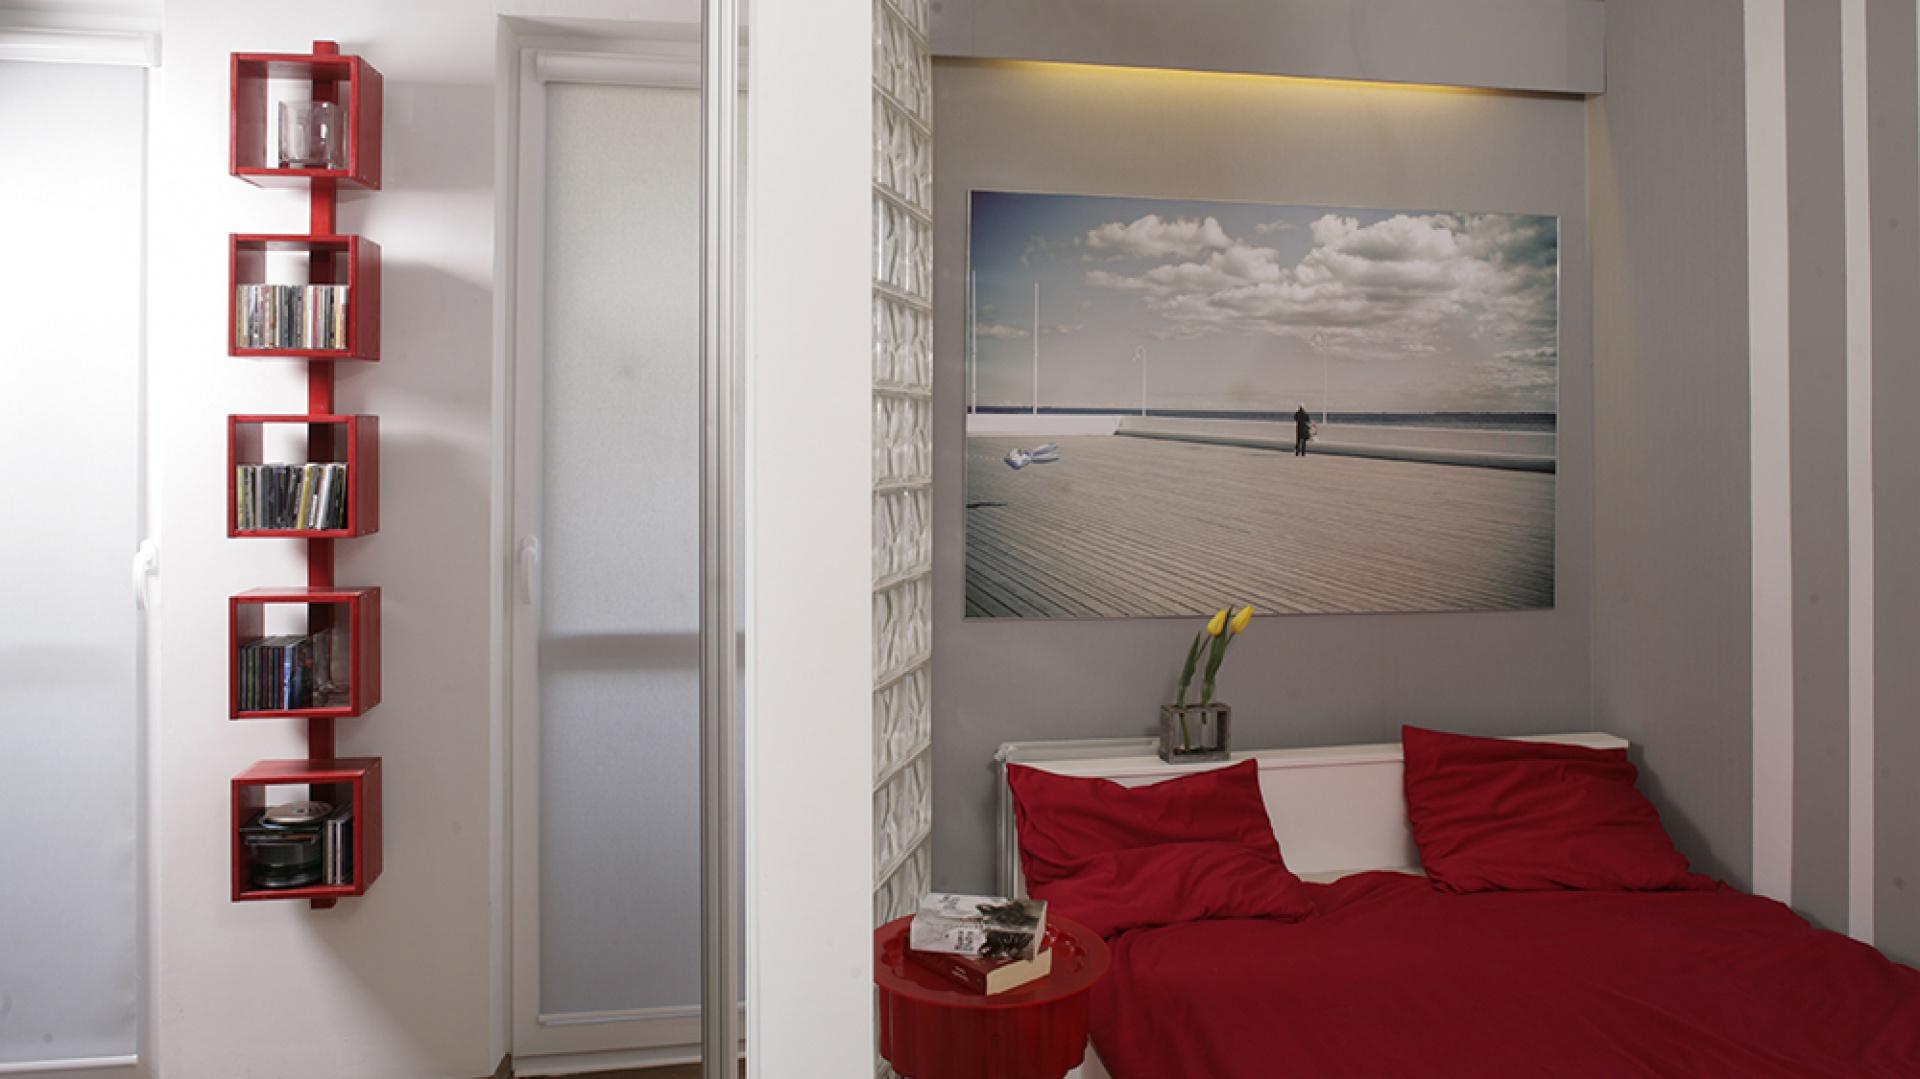 Salon i sypialnia stanowią dwie różne przestrzenie, ale oddzielająca je szklana ścianka ma bardzo lekką formę, podobnie jak drzwi przesuwane z satynowego szkła. Fot. Bartosz Jarosz.